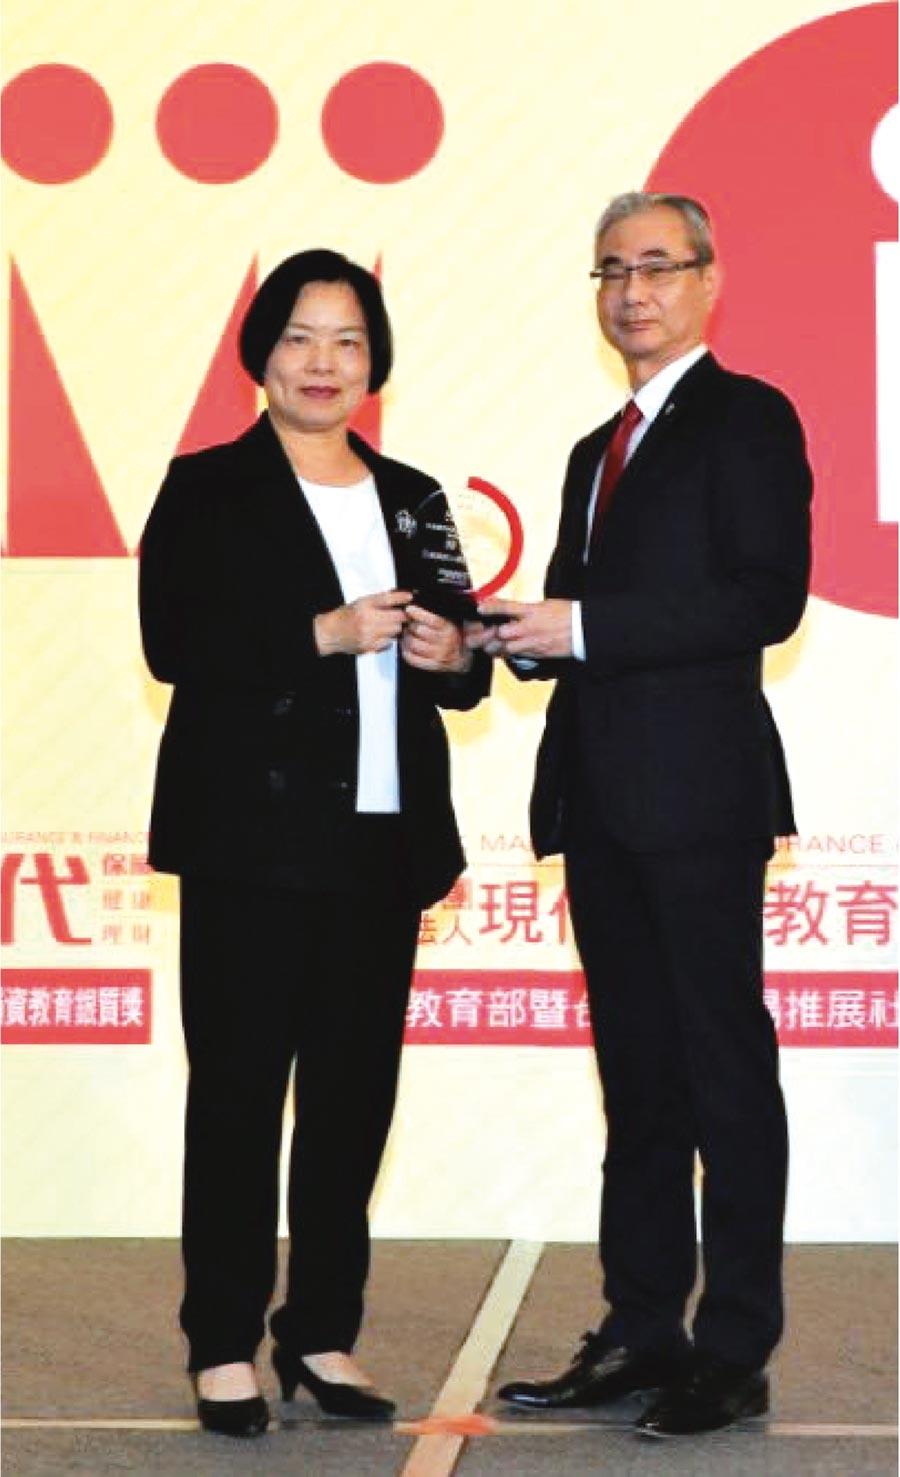 三商美邦人壽總經理張鎮坤(右)接受保險局局長施瓊華(左)頒贈獎盃。圖/三商美邦人壽提供